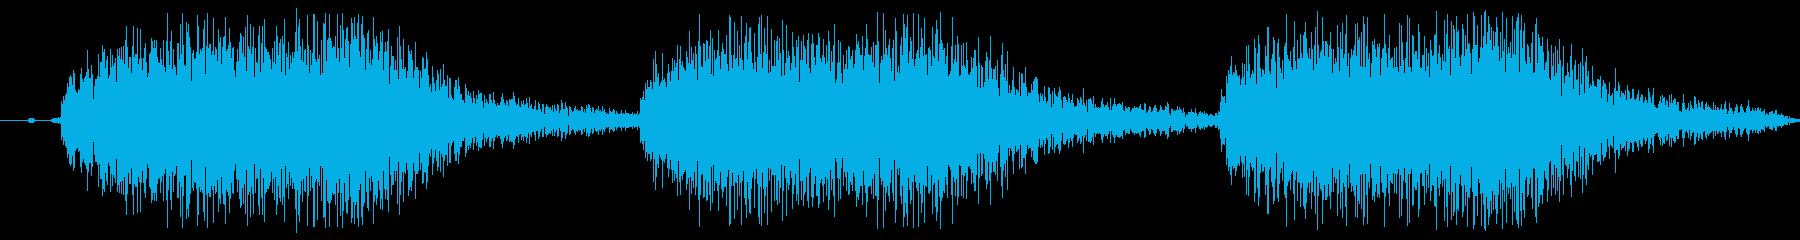 注意、警告音、警報の効果音です!04の再生済みの波形